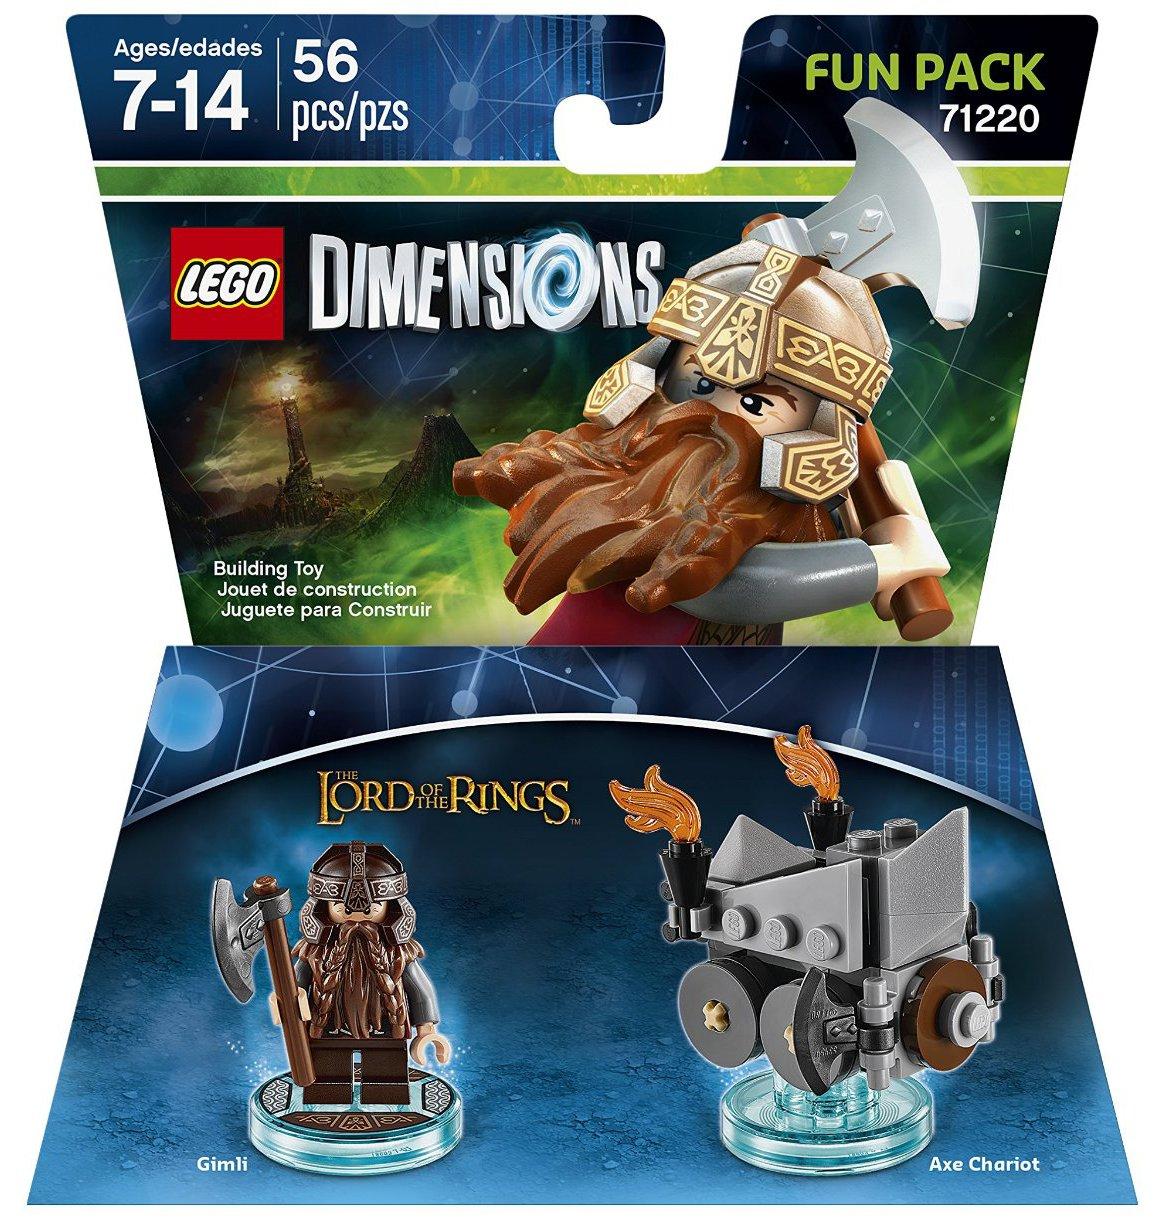 71220 Lord of the Rings Gimli Fun Pack